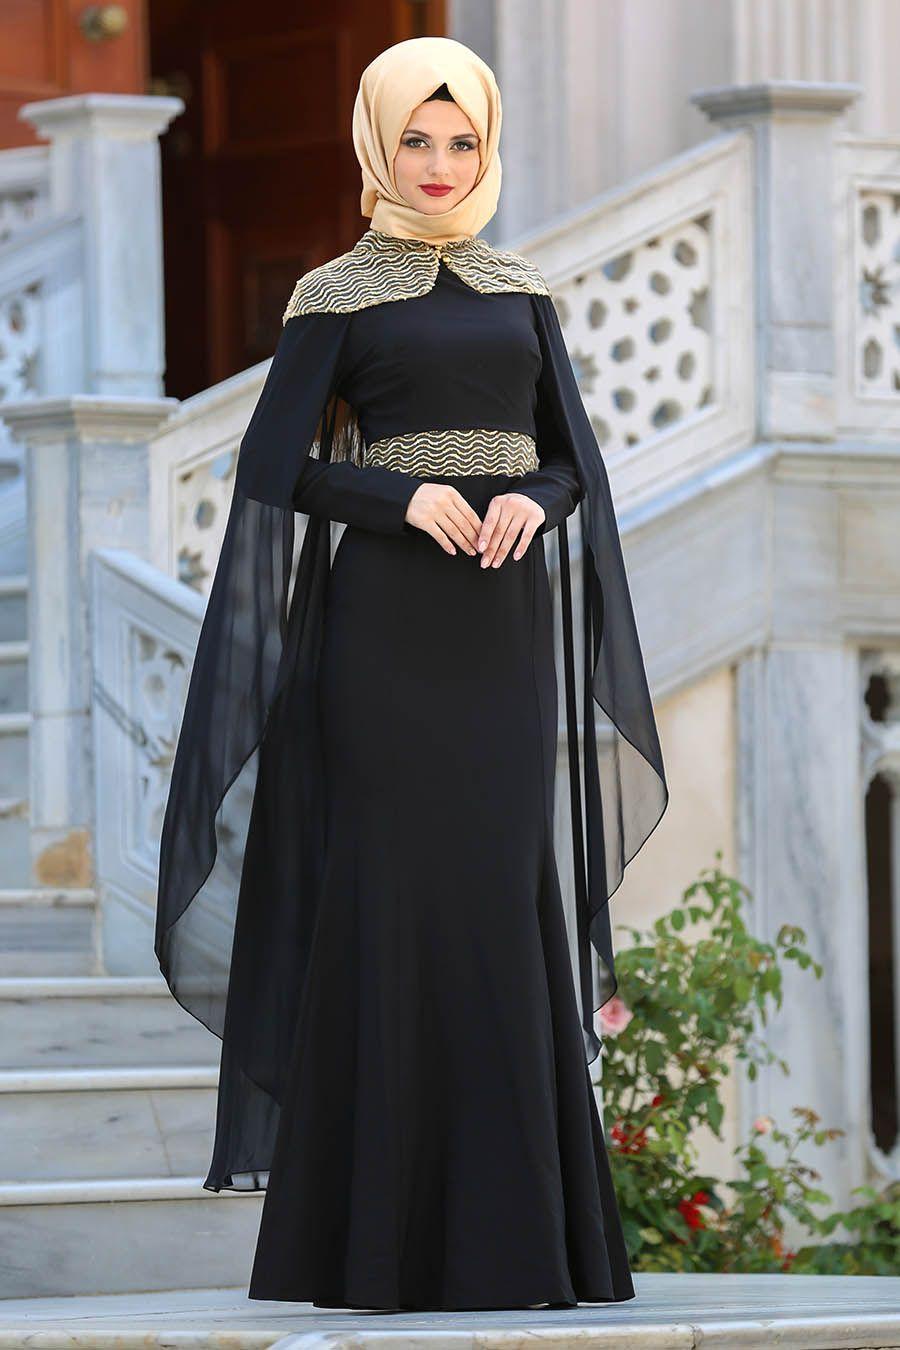 3b43fae65cb6e 2018 Yeni Sezon Abiye Koleksiyonu - Tesettürlü Abiye Elbise - Pelerinli  Siyah Tesettür Abiye Elbise 63611S